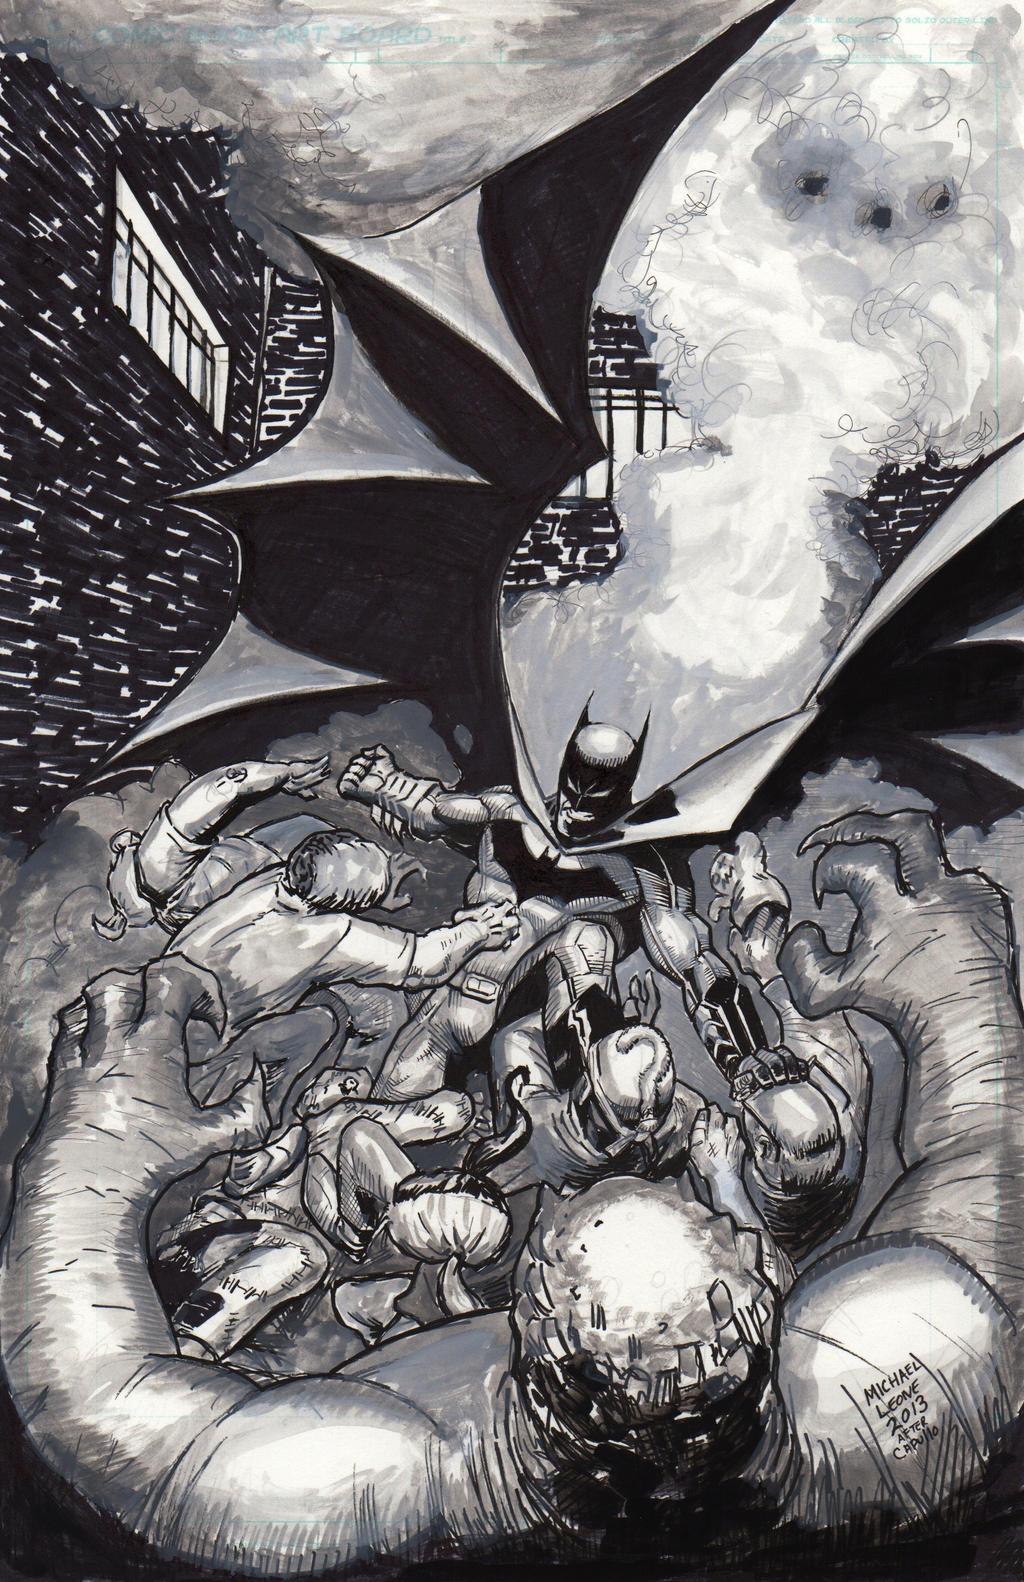 Batman Court of Owls 7-12-2013 by myconius